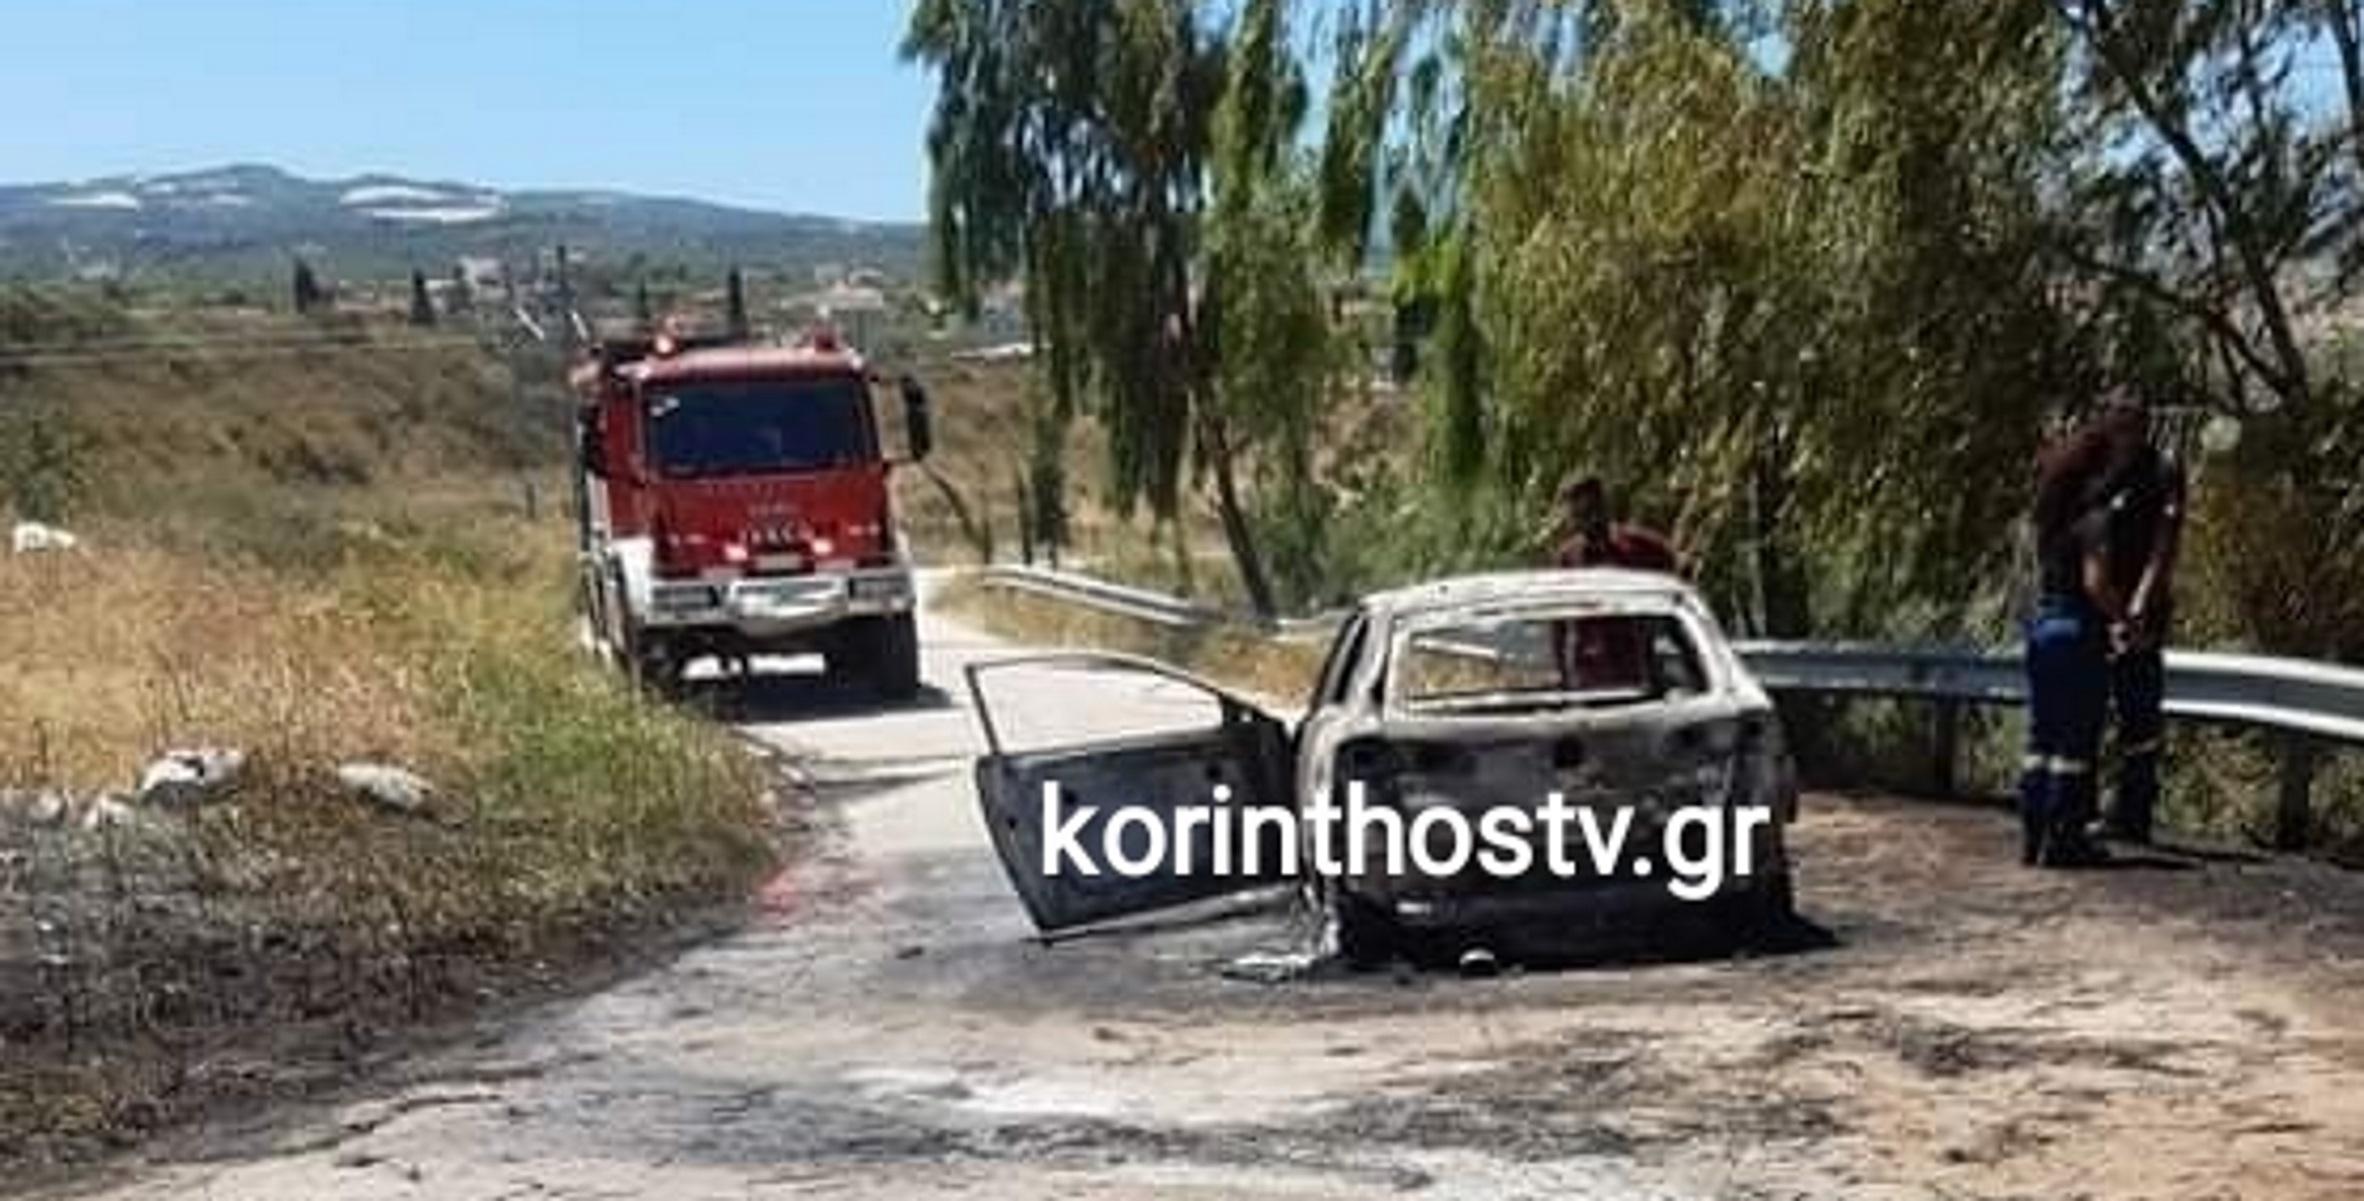 Κορινθία: Αυτοκίνητο άρπαξε φωτιά – Απλώθηκε και σε χωράφια